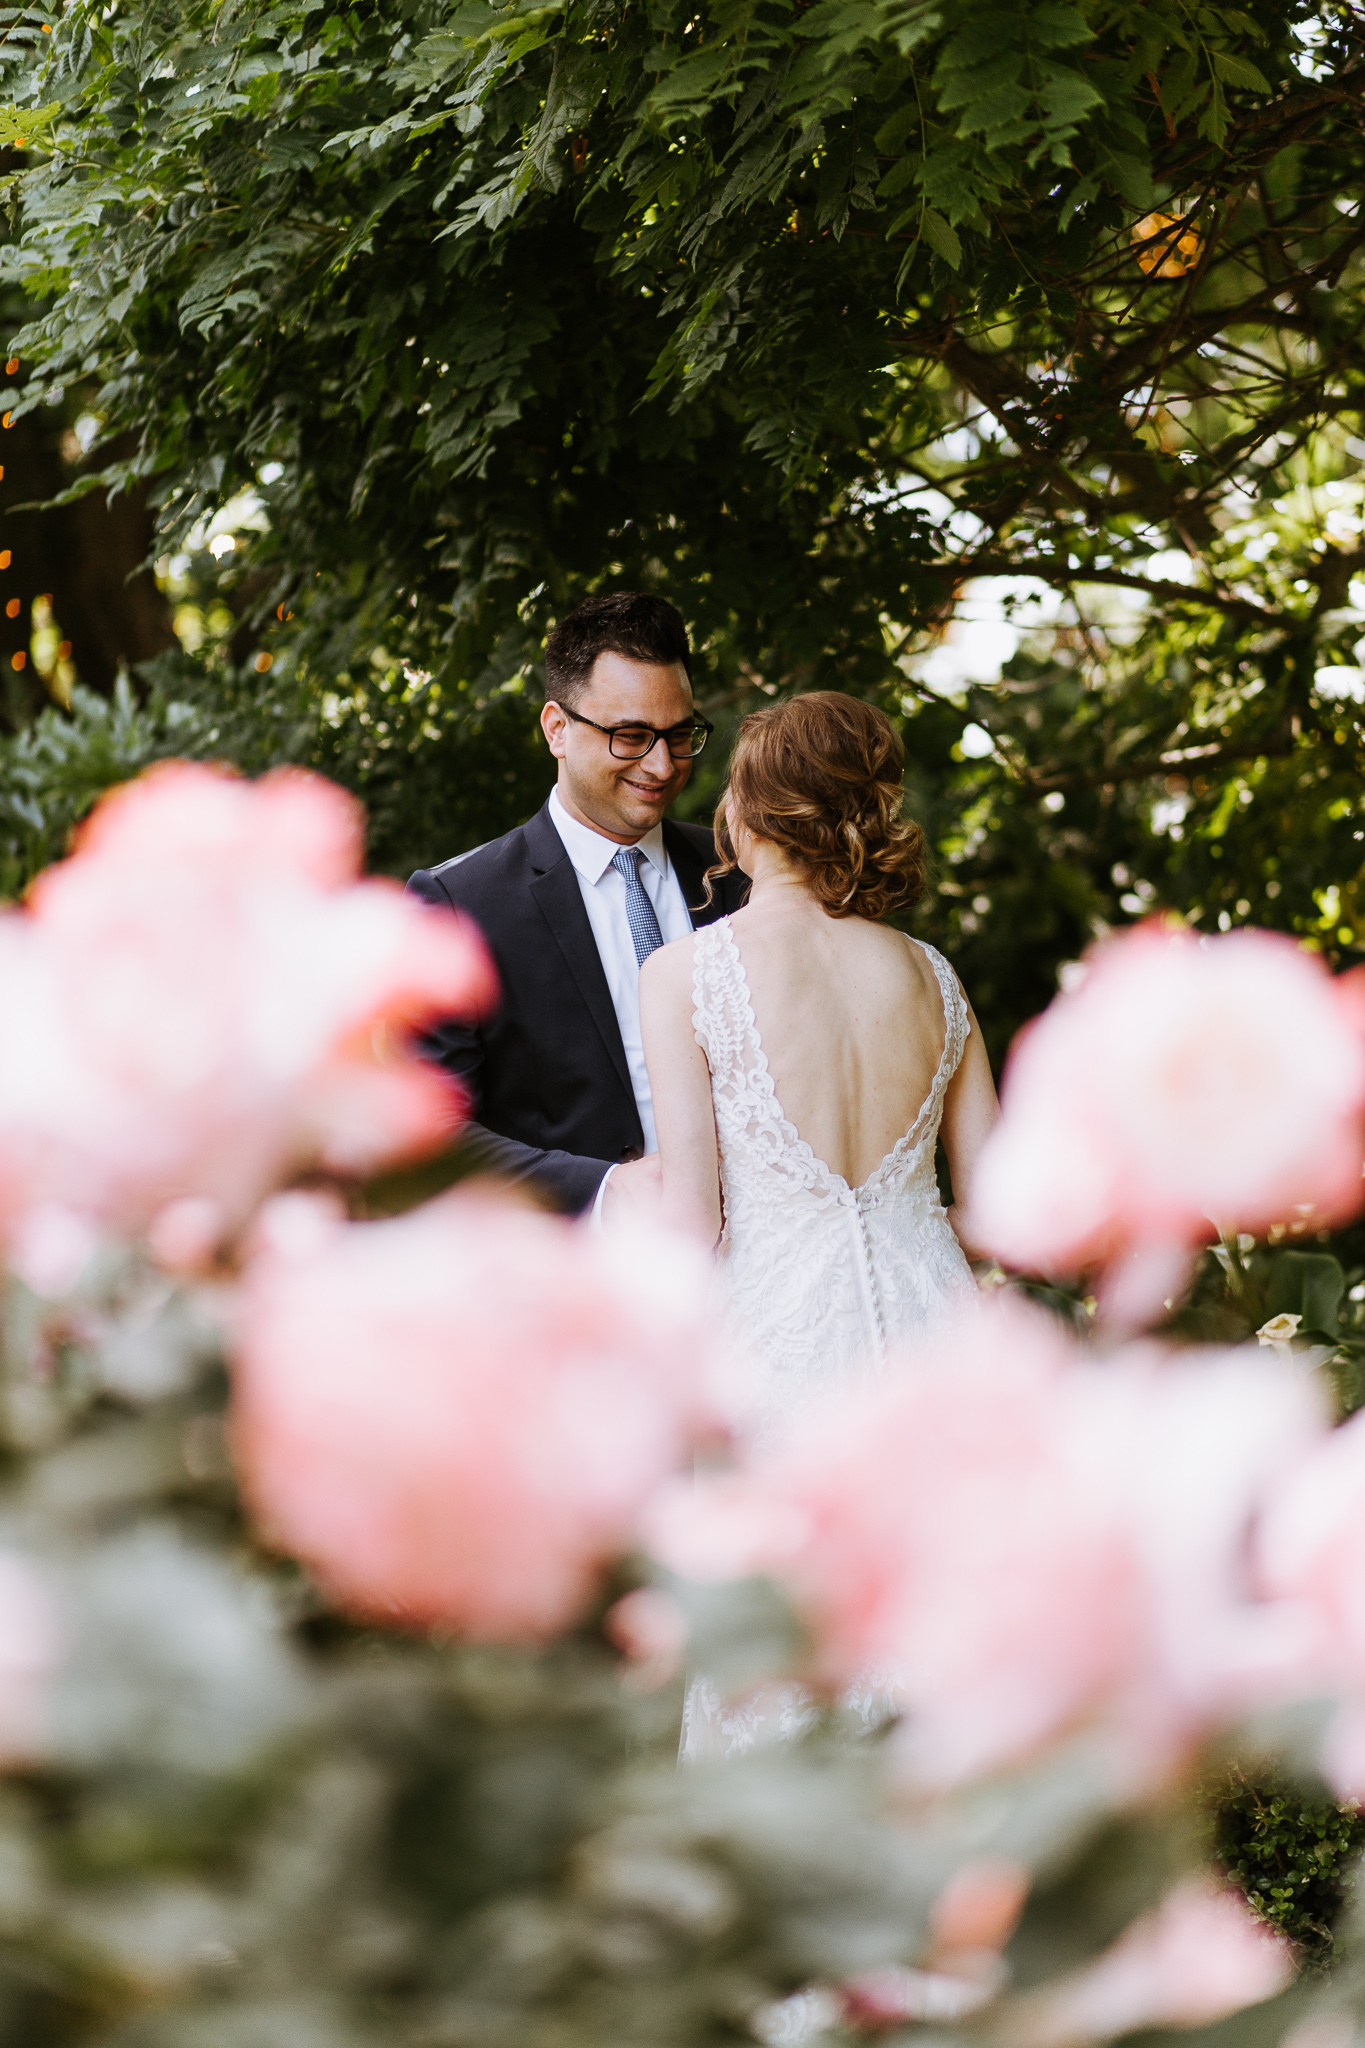 BayArea-Wedding-Photographer-24.jpg